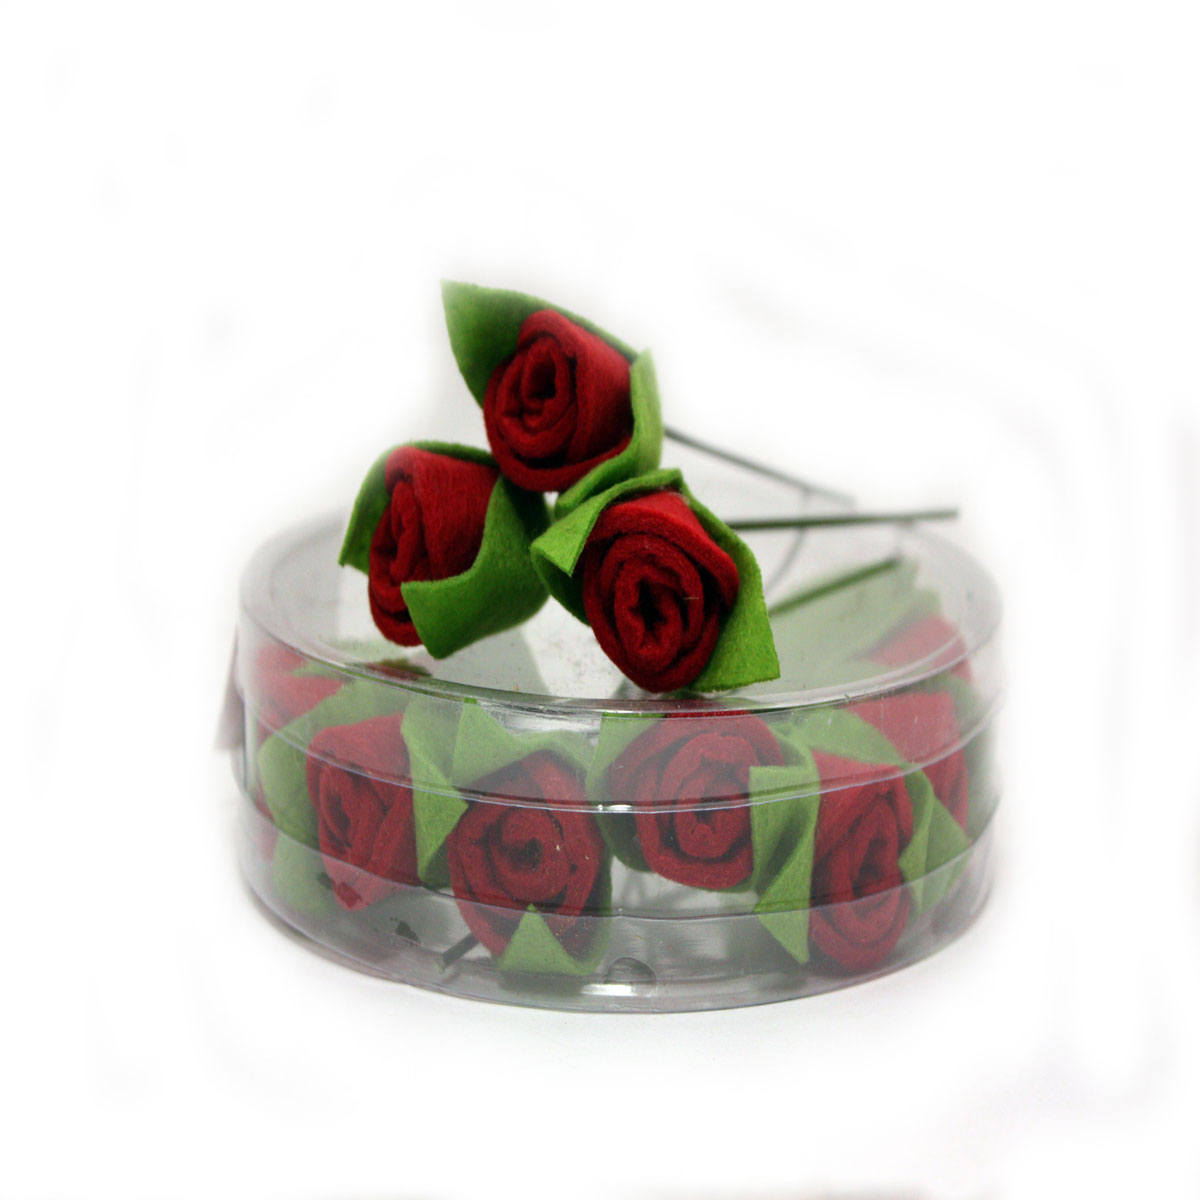 Набор декоративных украшений RTO Розочки, цвет: красный, зеленый, 12 шт19201Набор RTO Розочки состоит из 12 декоративных элементов и предназначен для украшения цветочных горшков, ваз и других предметов интерьера. Украшения изготовлены из фетра в виде цветов. Такой набор украшений создаст атмосферу праздника в вашем доме. Размер цветка: 15 х 4 х 2,5 см.